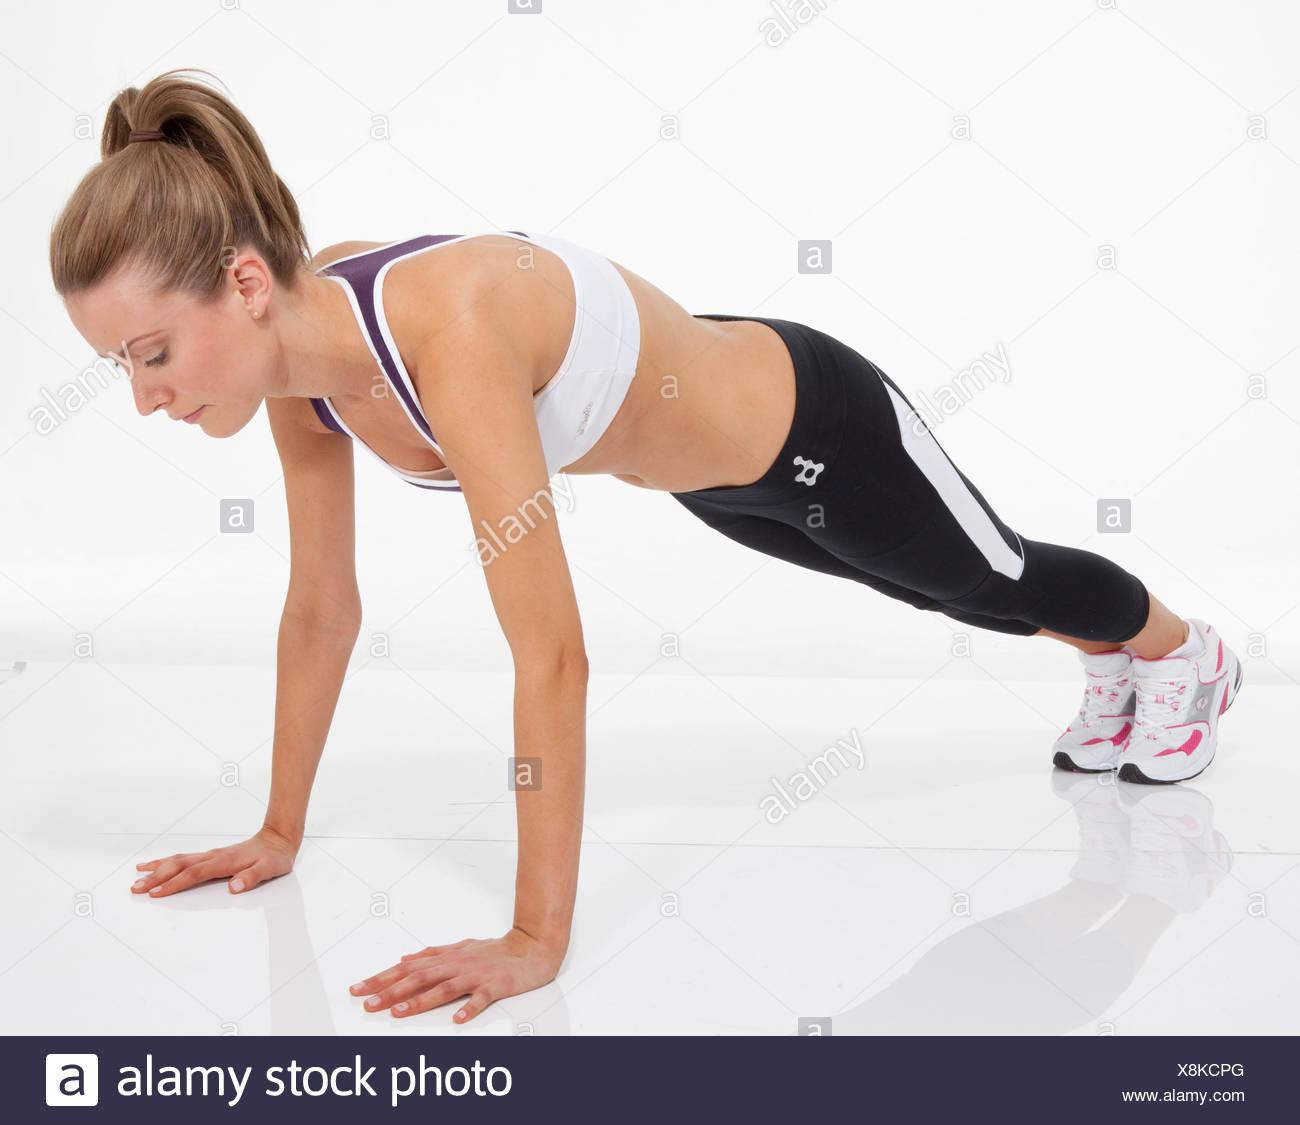 La parte superiore del corpo femmina esercizio capelli biondi legati a coda di cavallo, indossare un giubbotto ritagliata, nero gambali e formatori, eseguendo un Immagini Stock